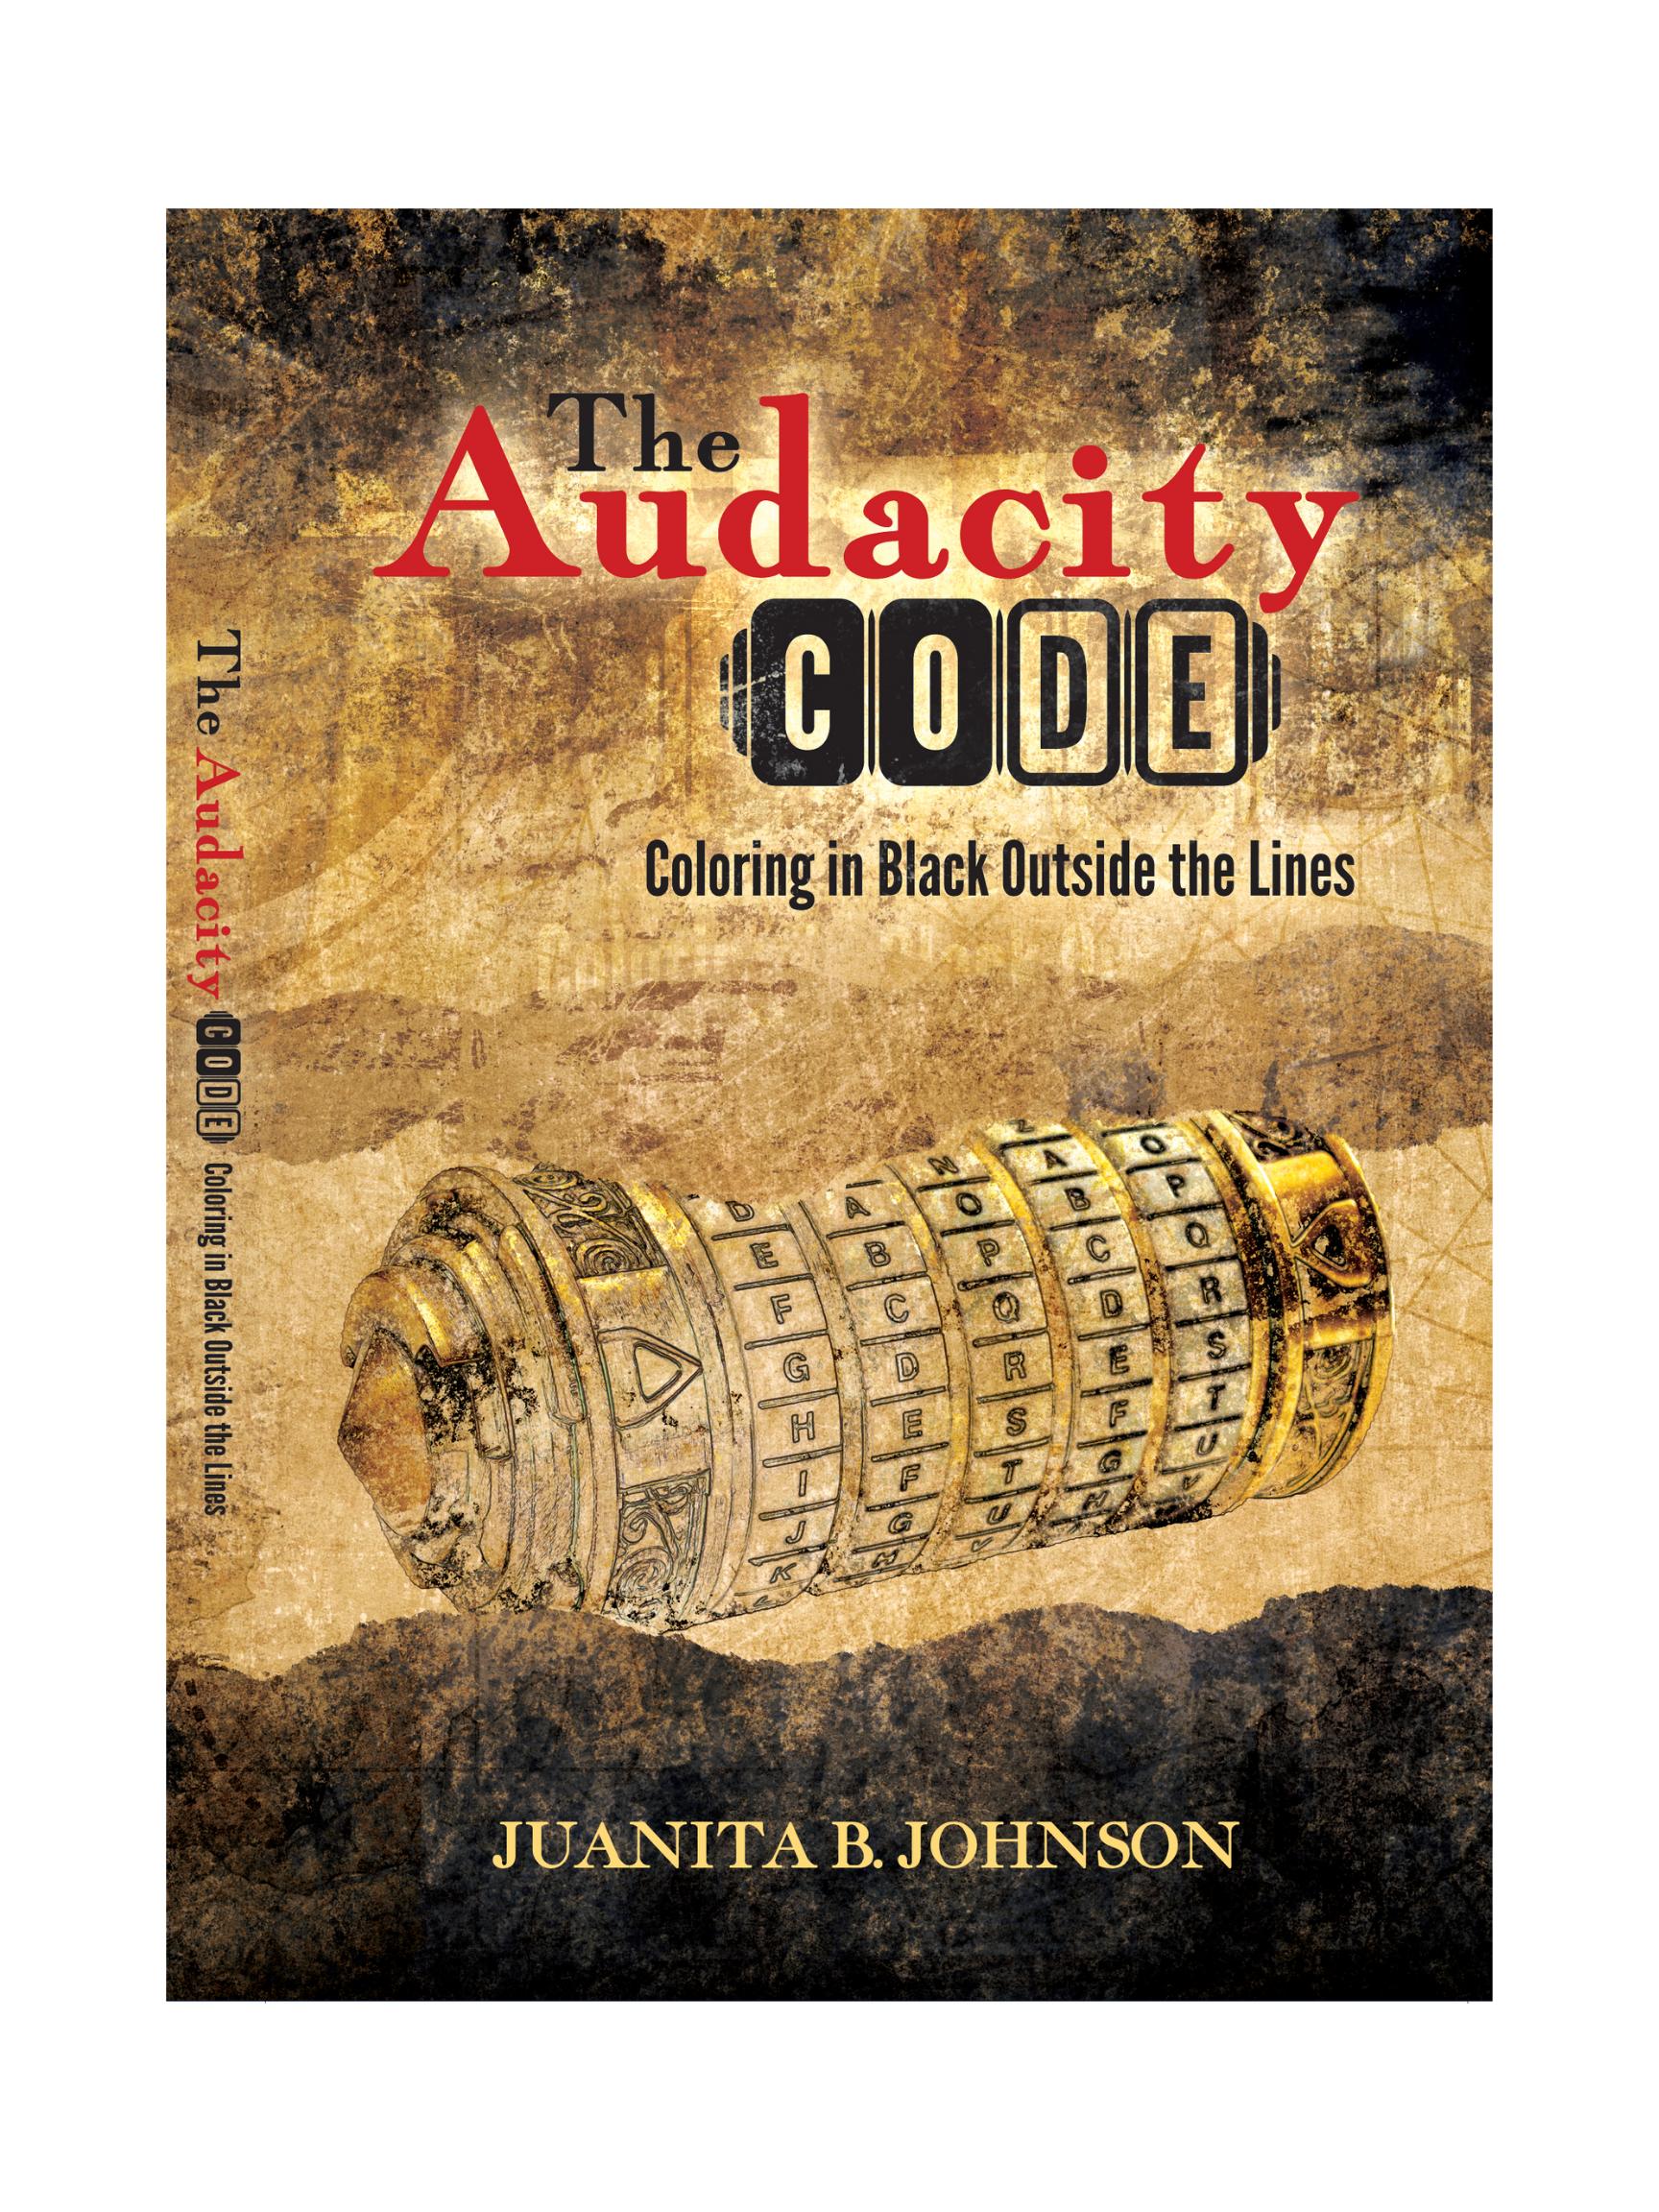 The Audacity Code by Juanita Johnson